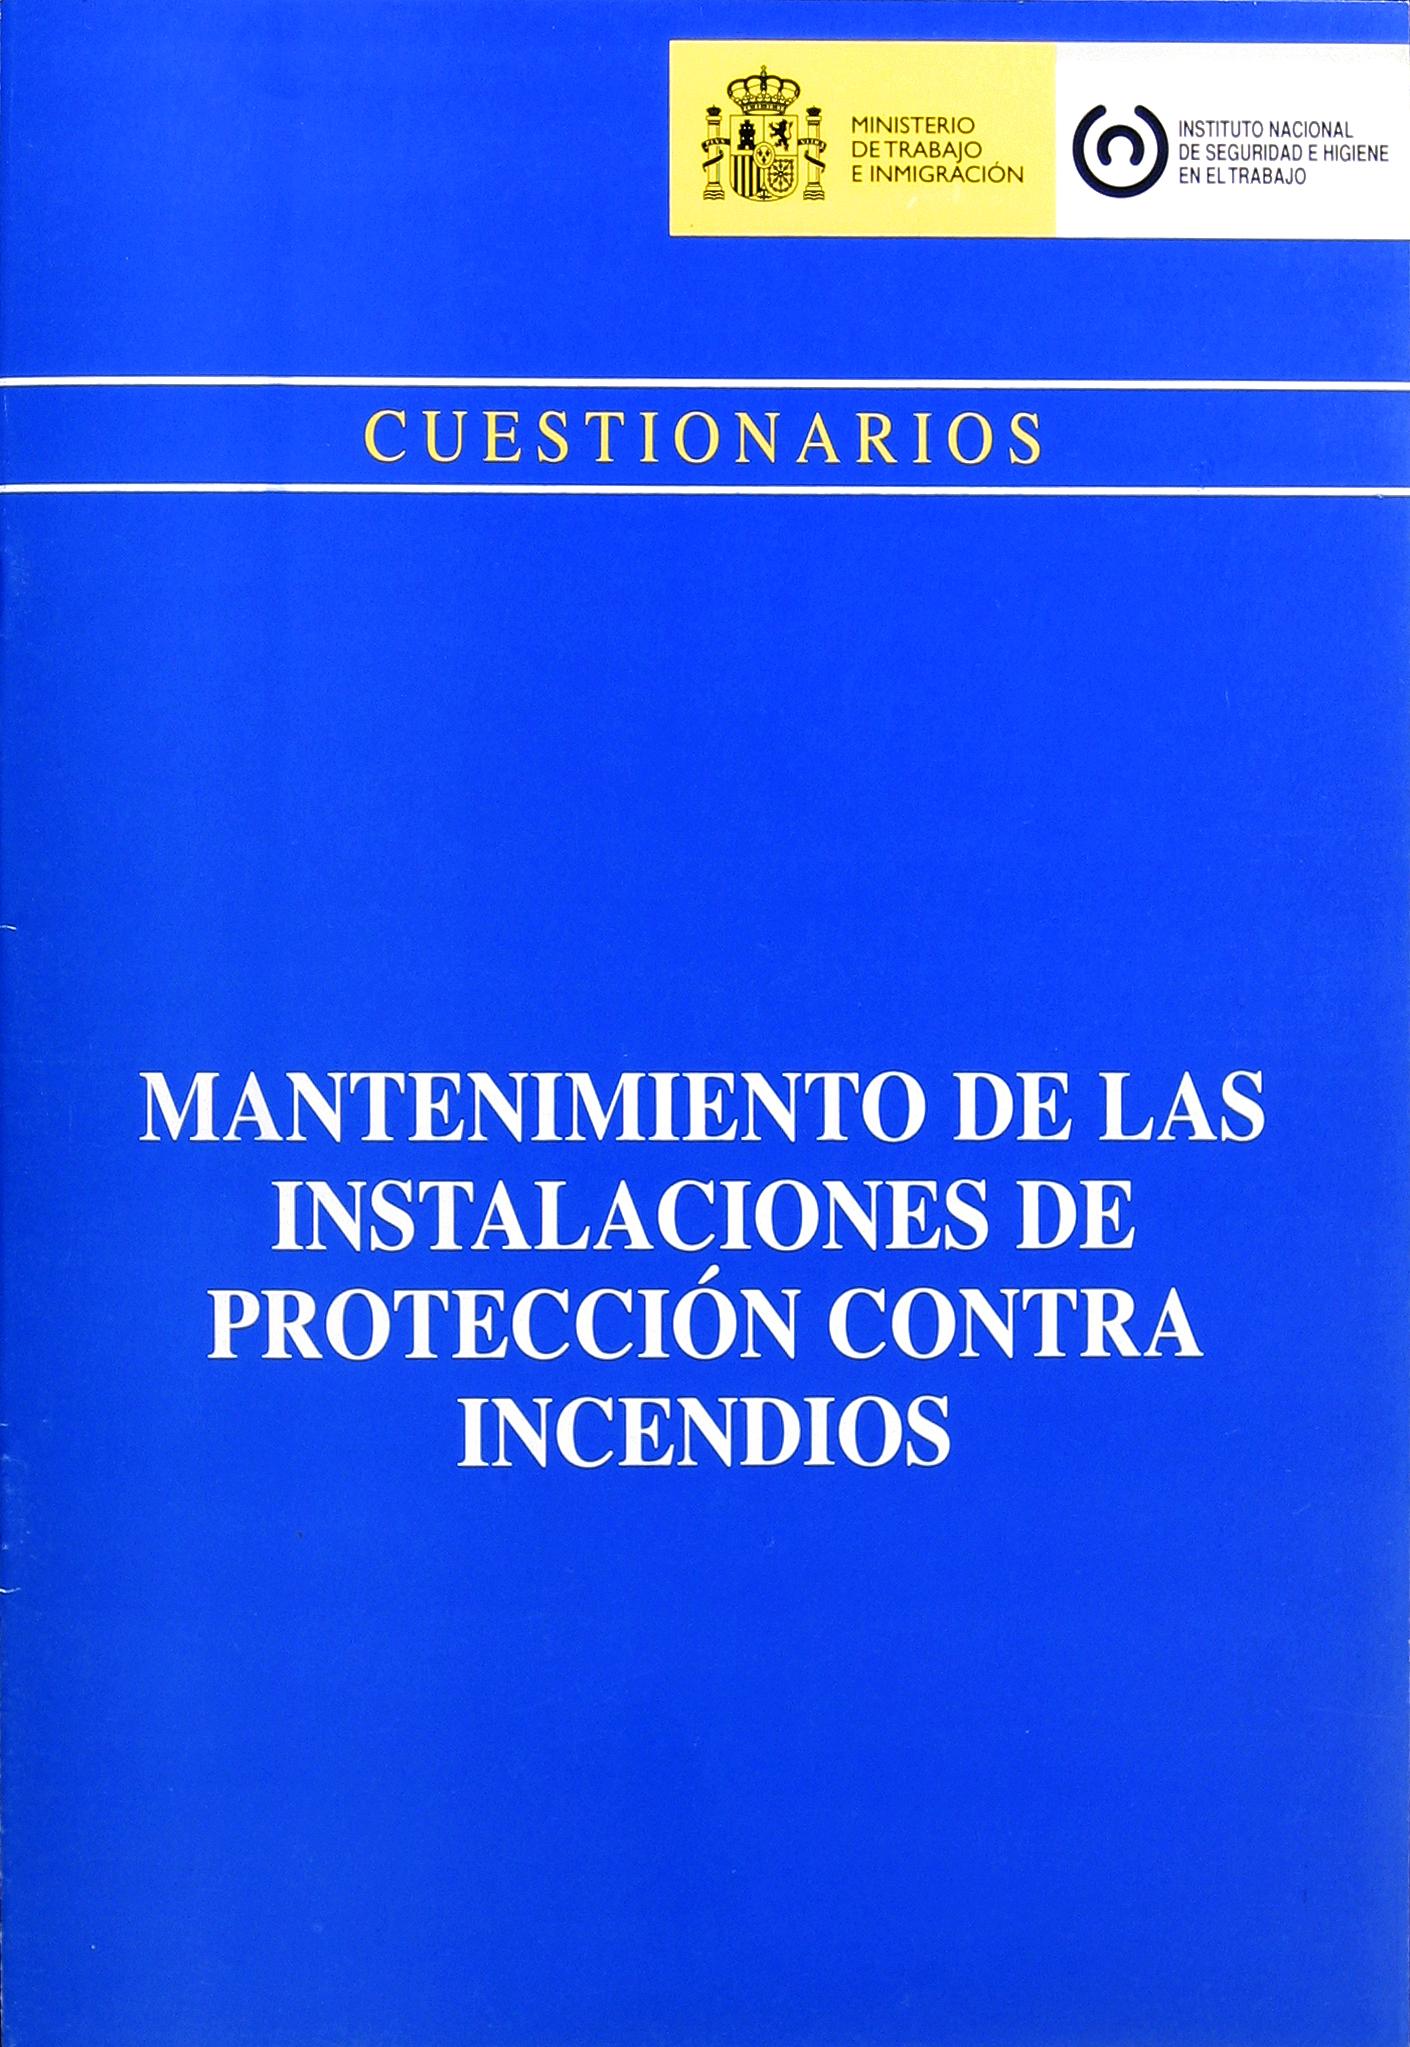 Mantenimiento de las instalaciones de protección contra incendios - Año 2008